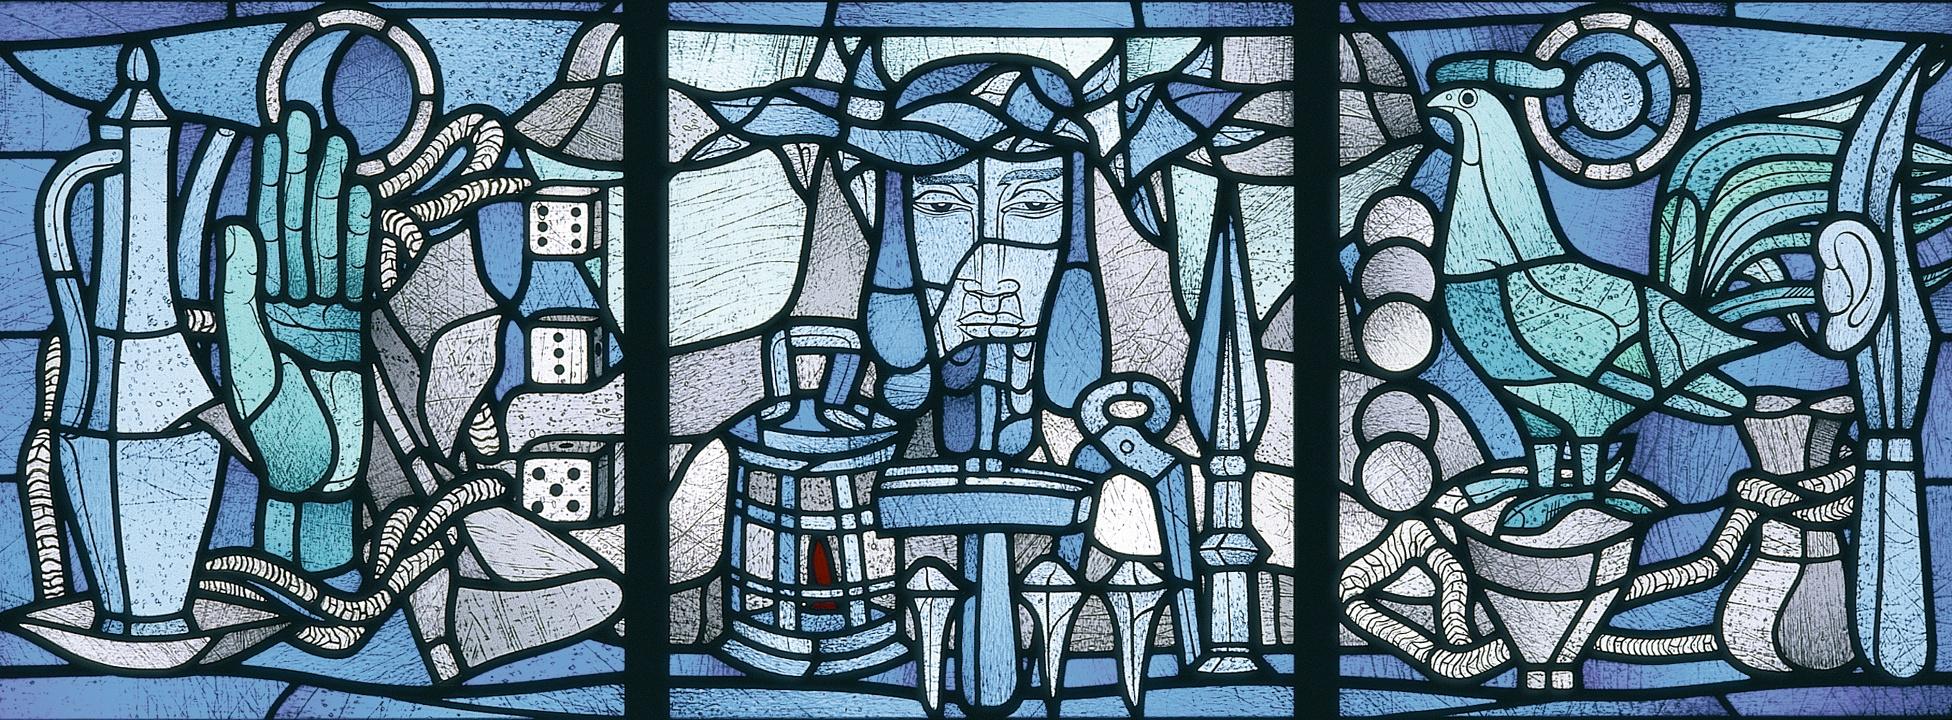 Hinterglasmalerei von Heinrich Campendonk (Museum Penzberg - Sammlung Campendonk)